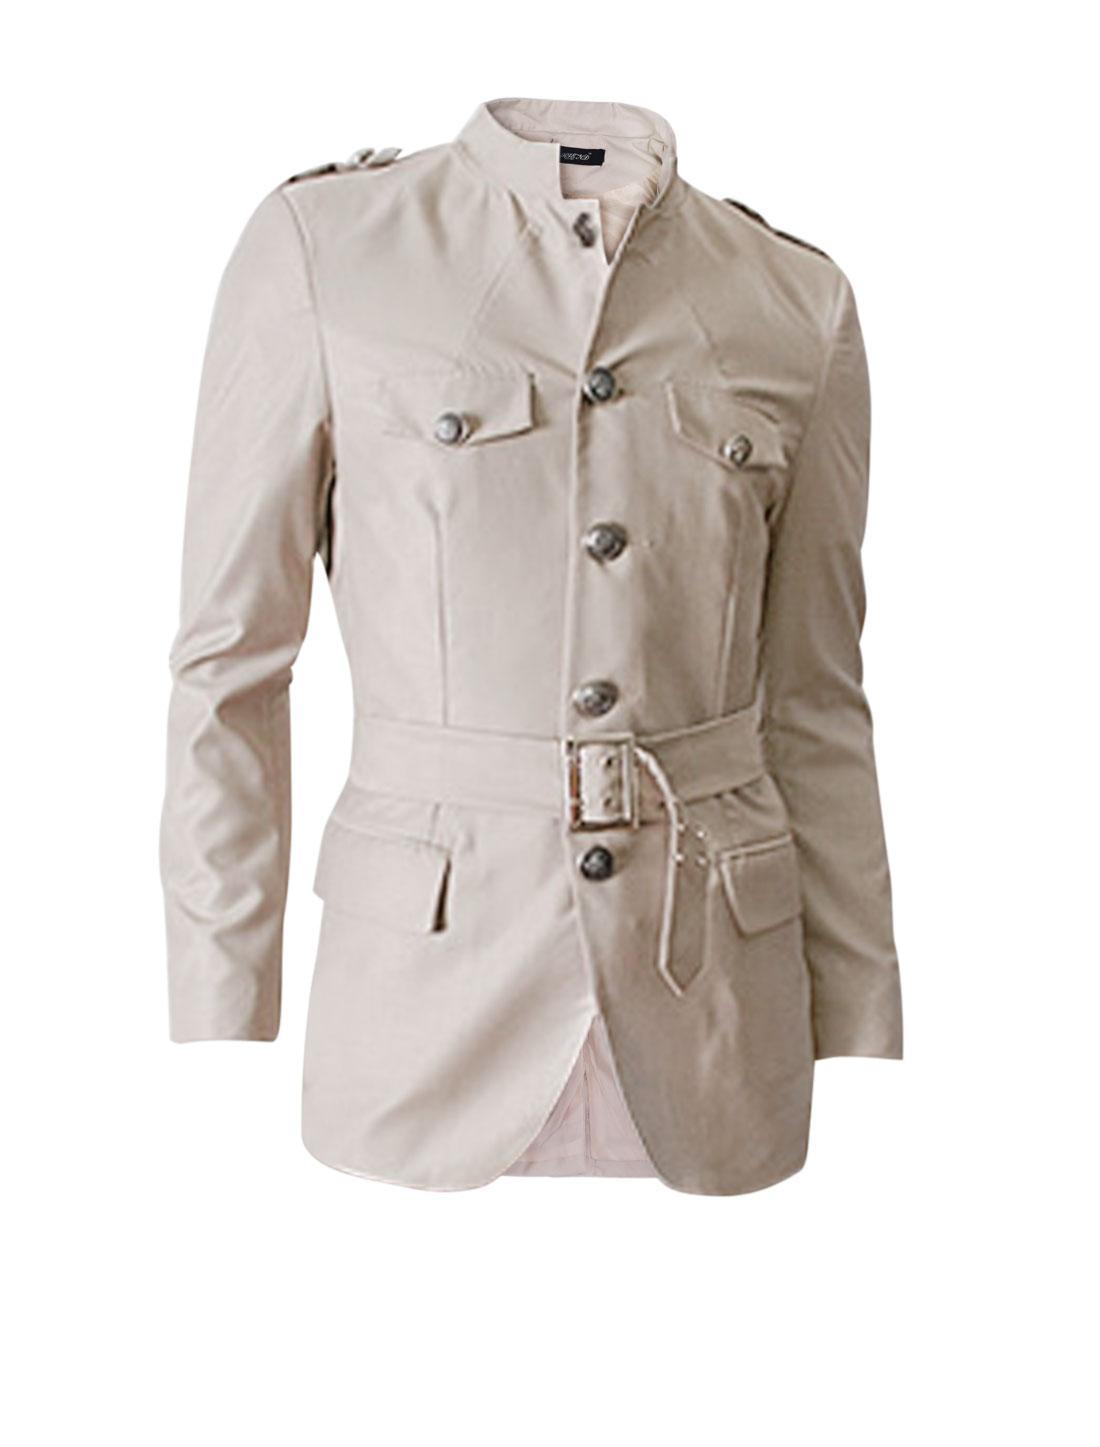 Men Button Closure Front Selt Tie Waist Belt Military Jacket Beige M